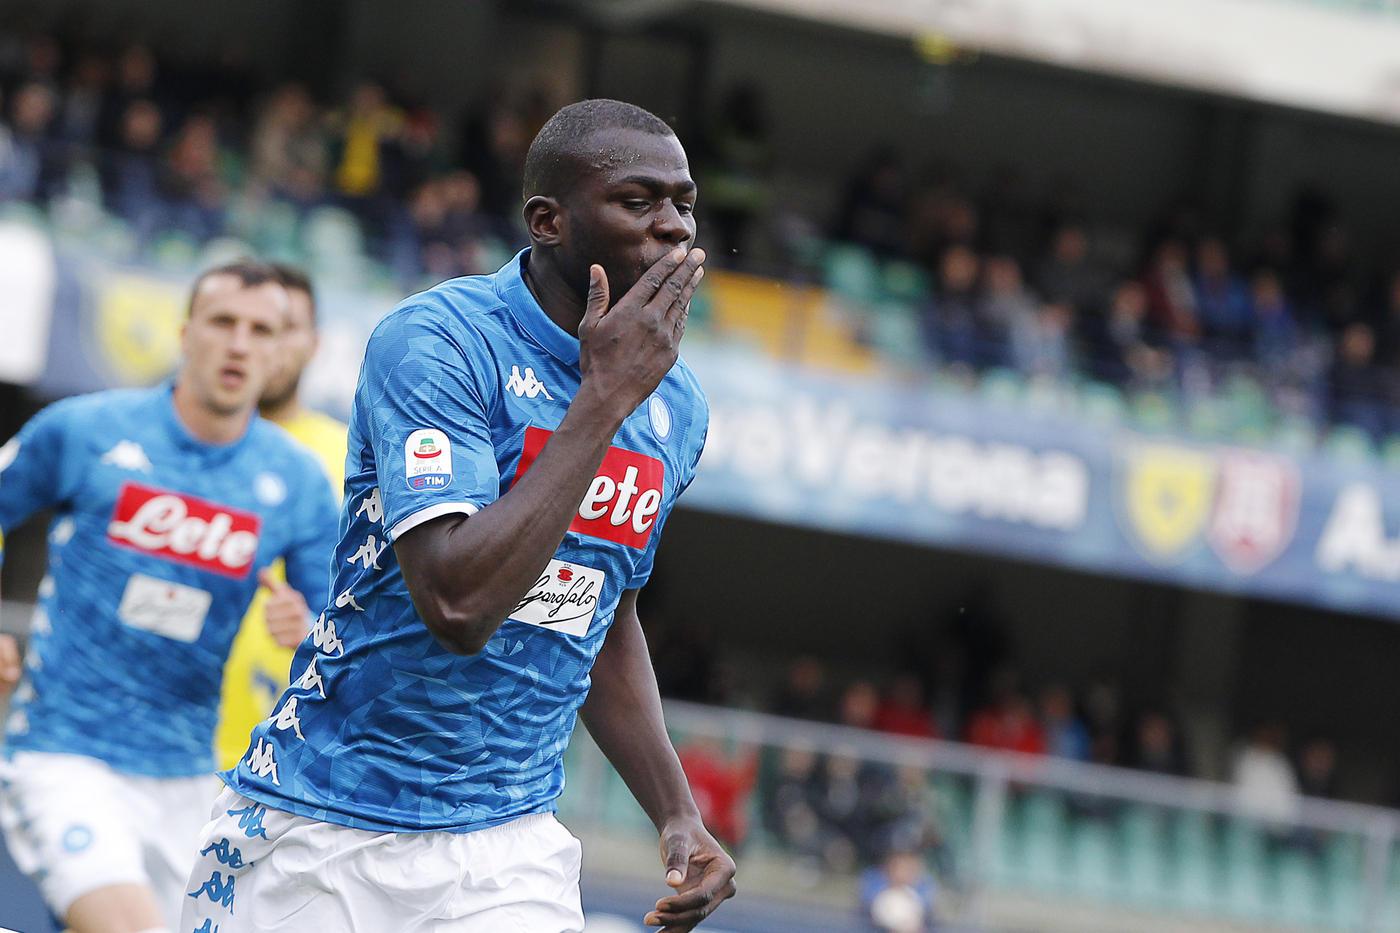 Le immagini del successo del Napoli al Bentegodi (3-1)